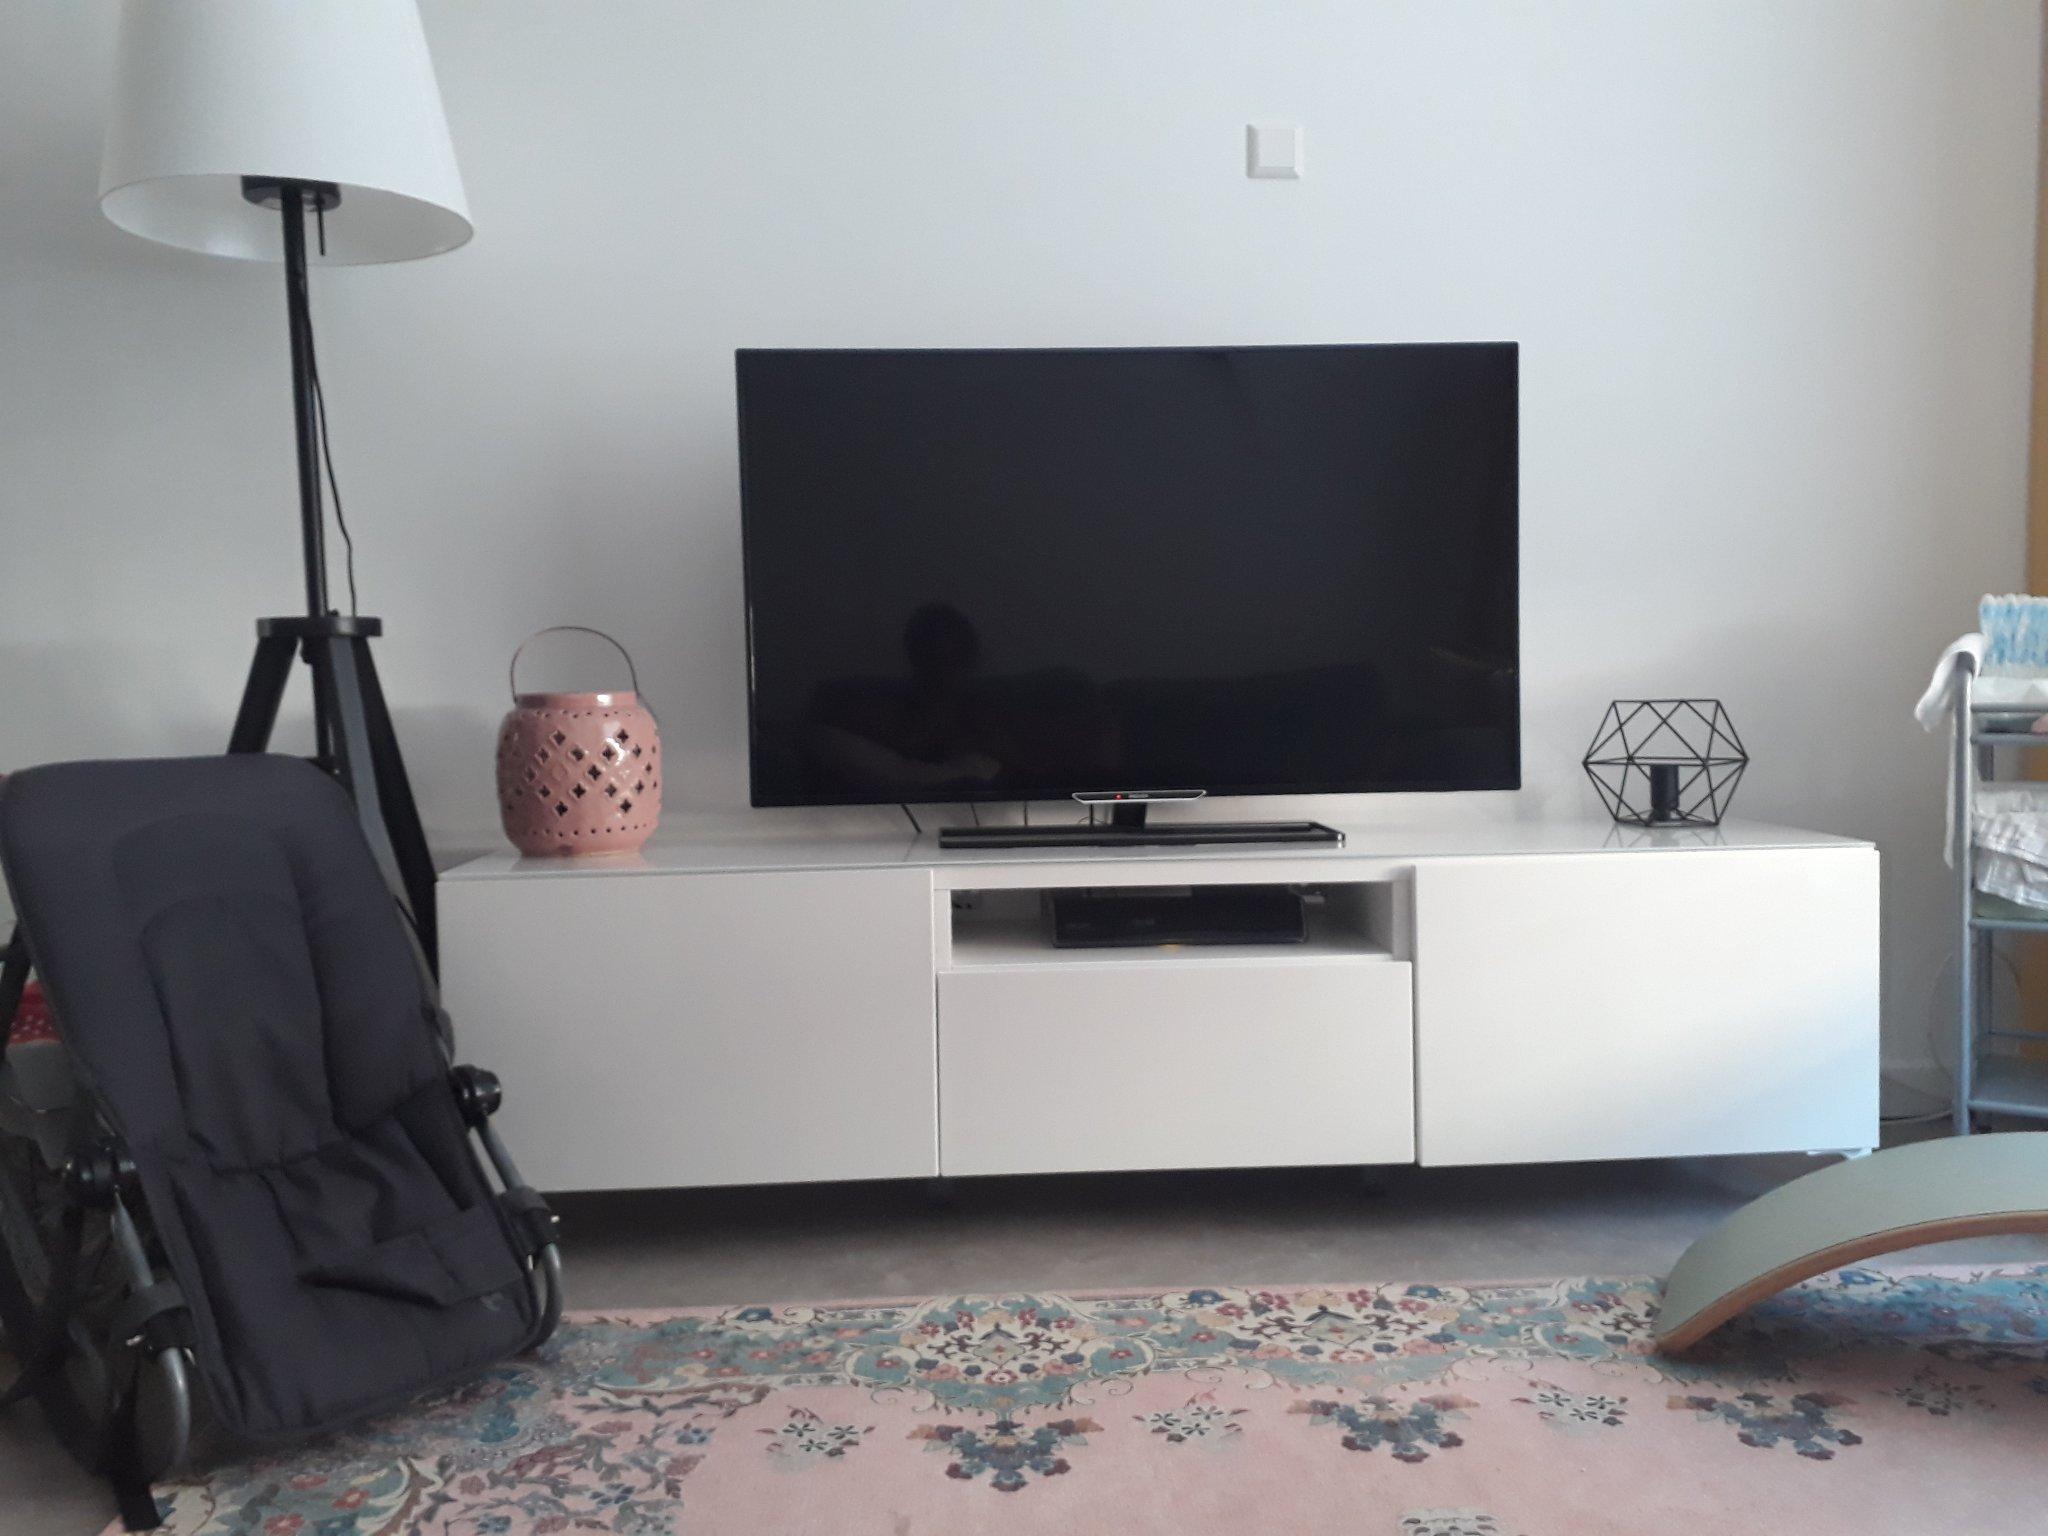 Tv Meubel Ophangen.Tv Meubel Ophangen Werkspot